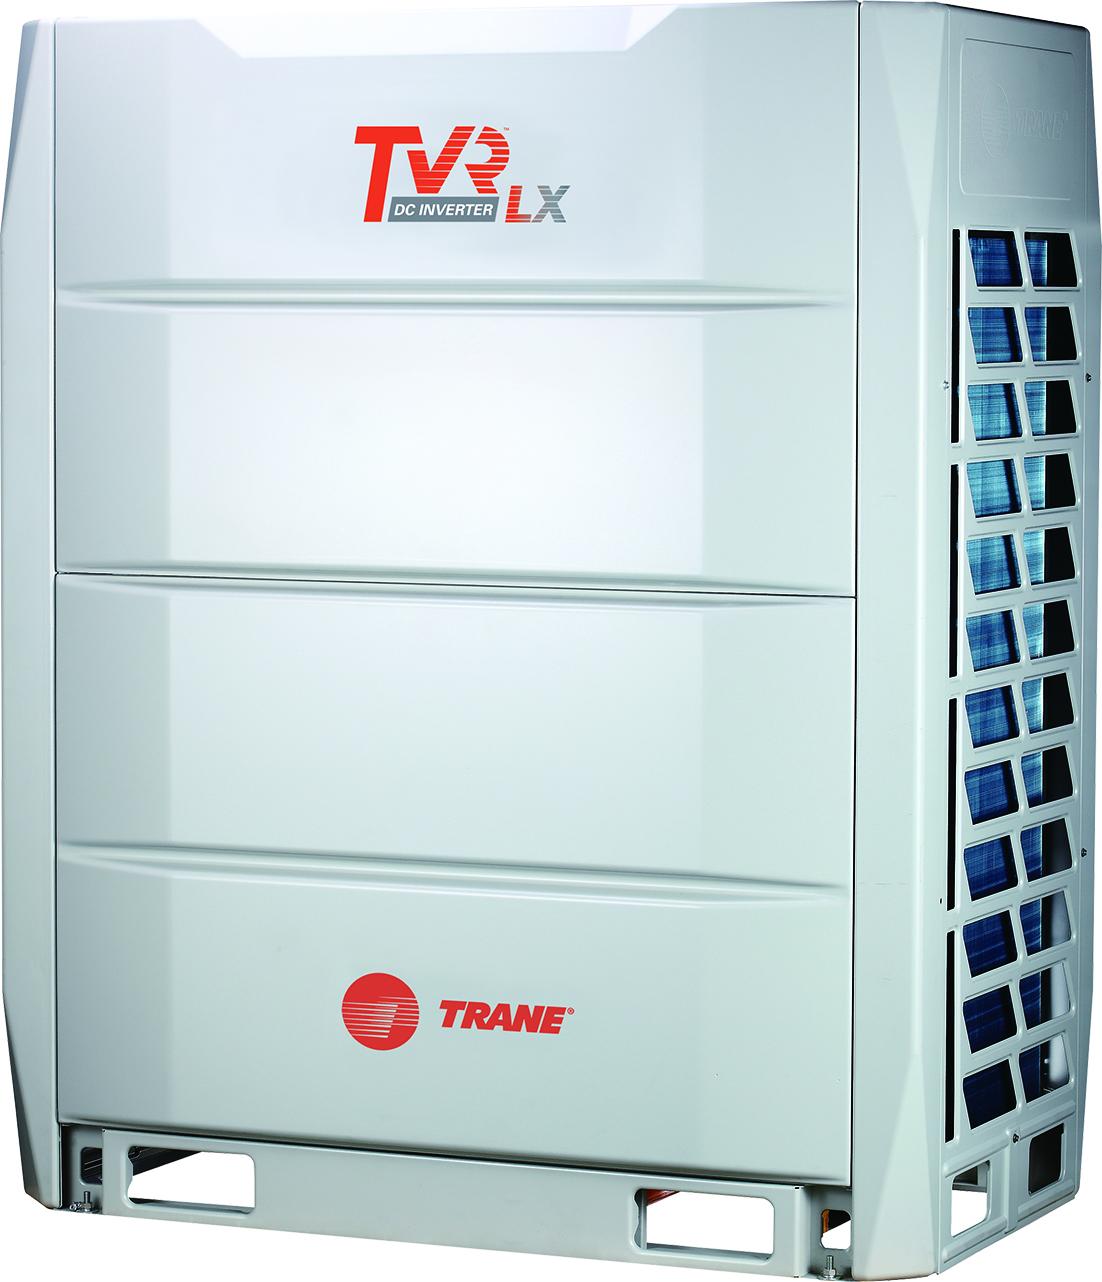 trane el paso 2003 international 4300 radio wiring diagram empresas da un adelante en eficiencia e